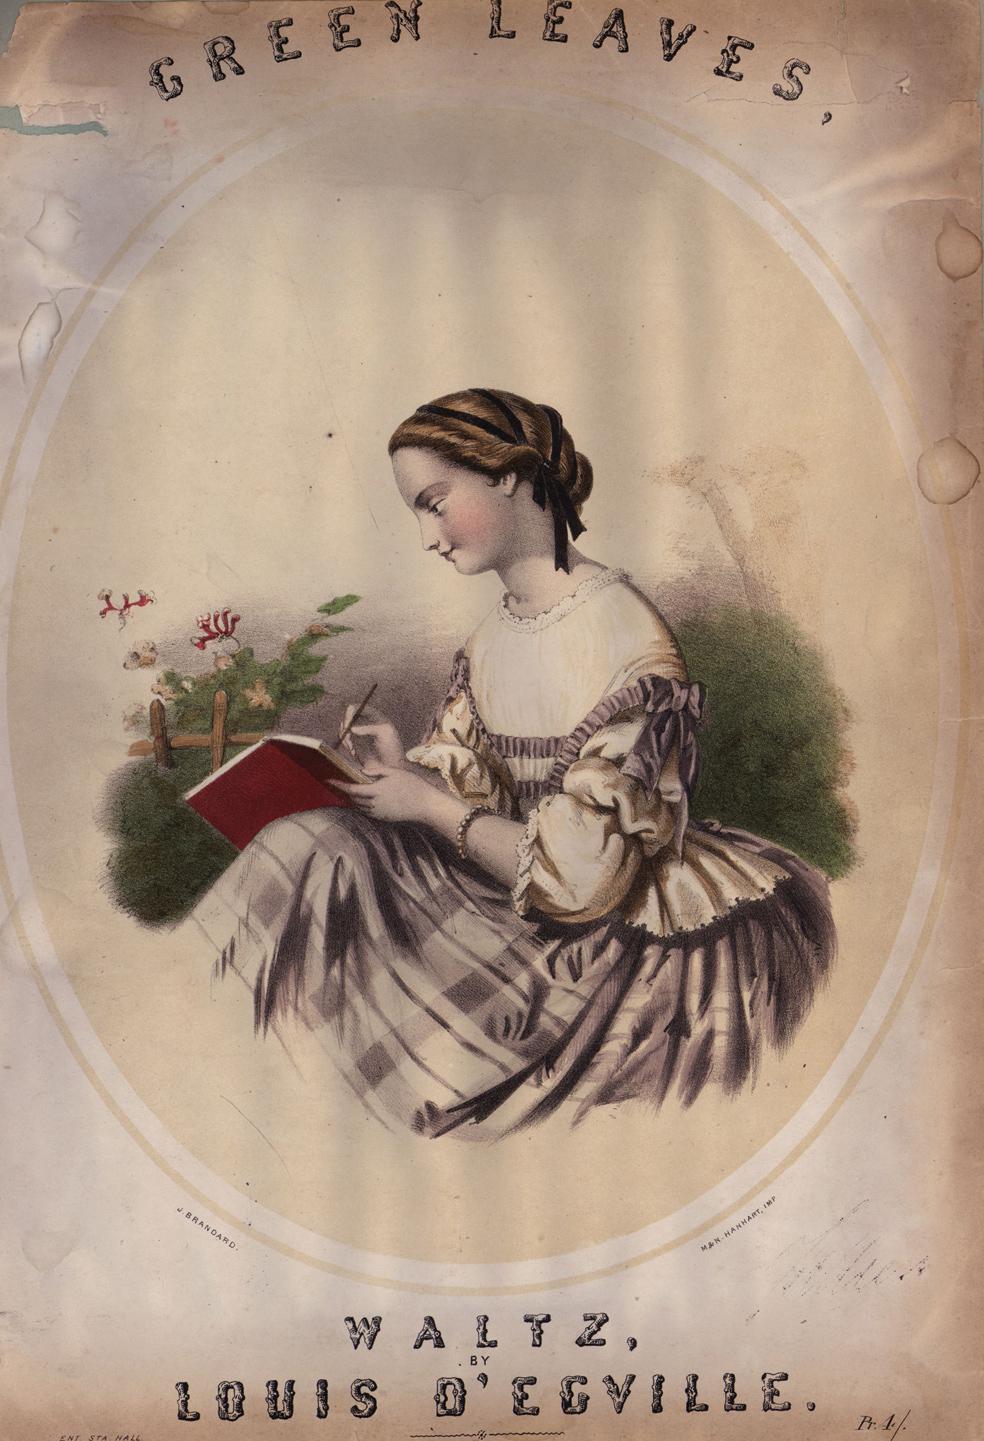 במהלך המאה ה־19 נערה כותבת הפכה לדימוי רומנטי שביטא את רוח התקופה. נערה כותבת במחברת אדומה, איור שהופיע על כריכת חוברת התווים של הוולס 'עלים ירוקים', 1840